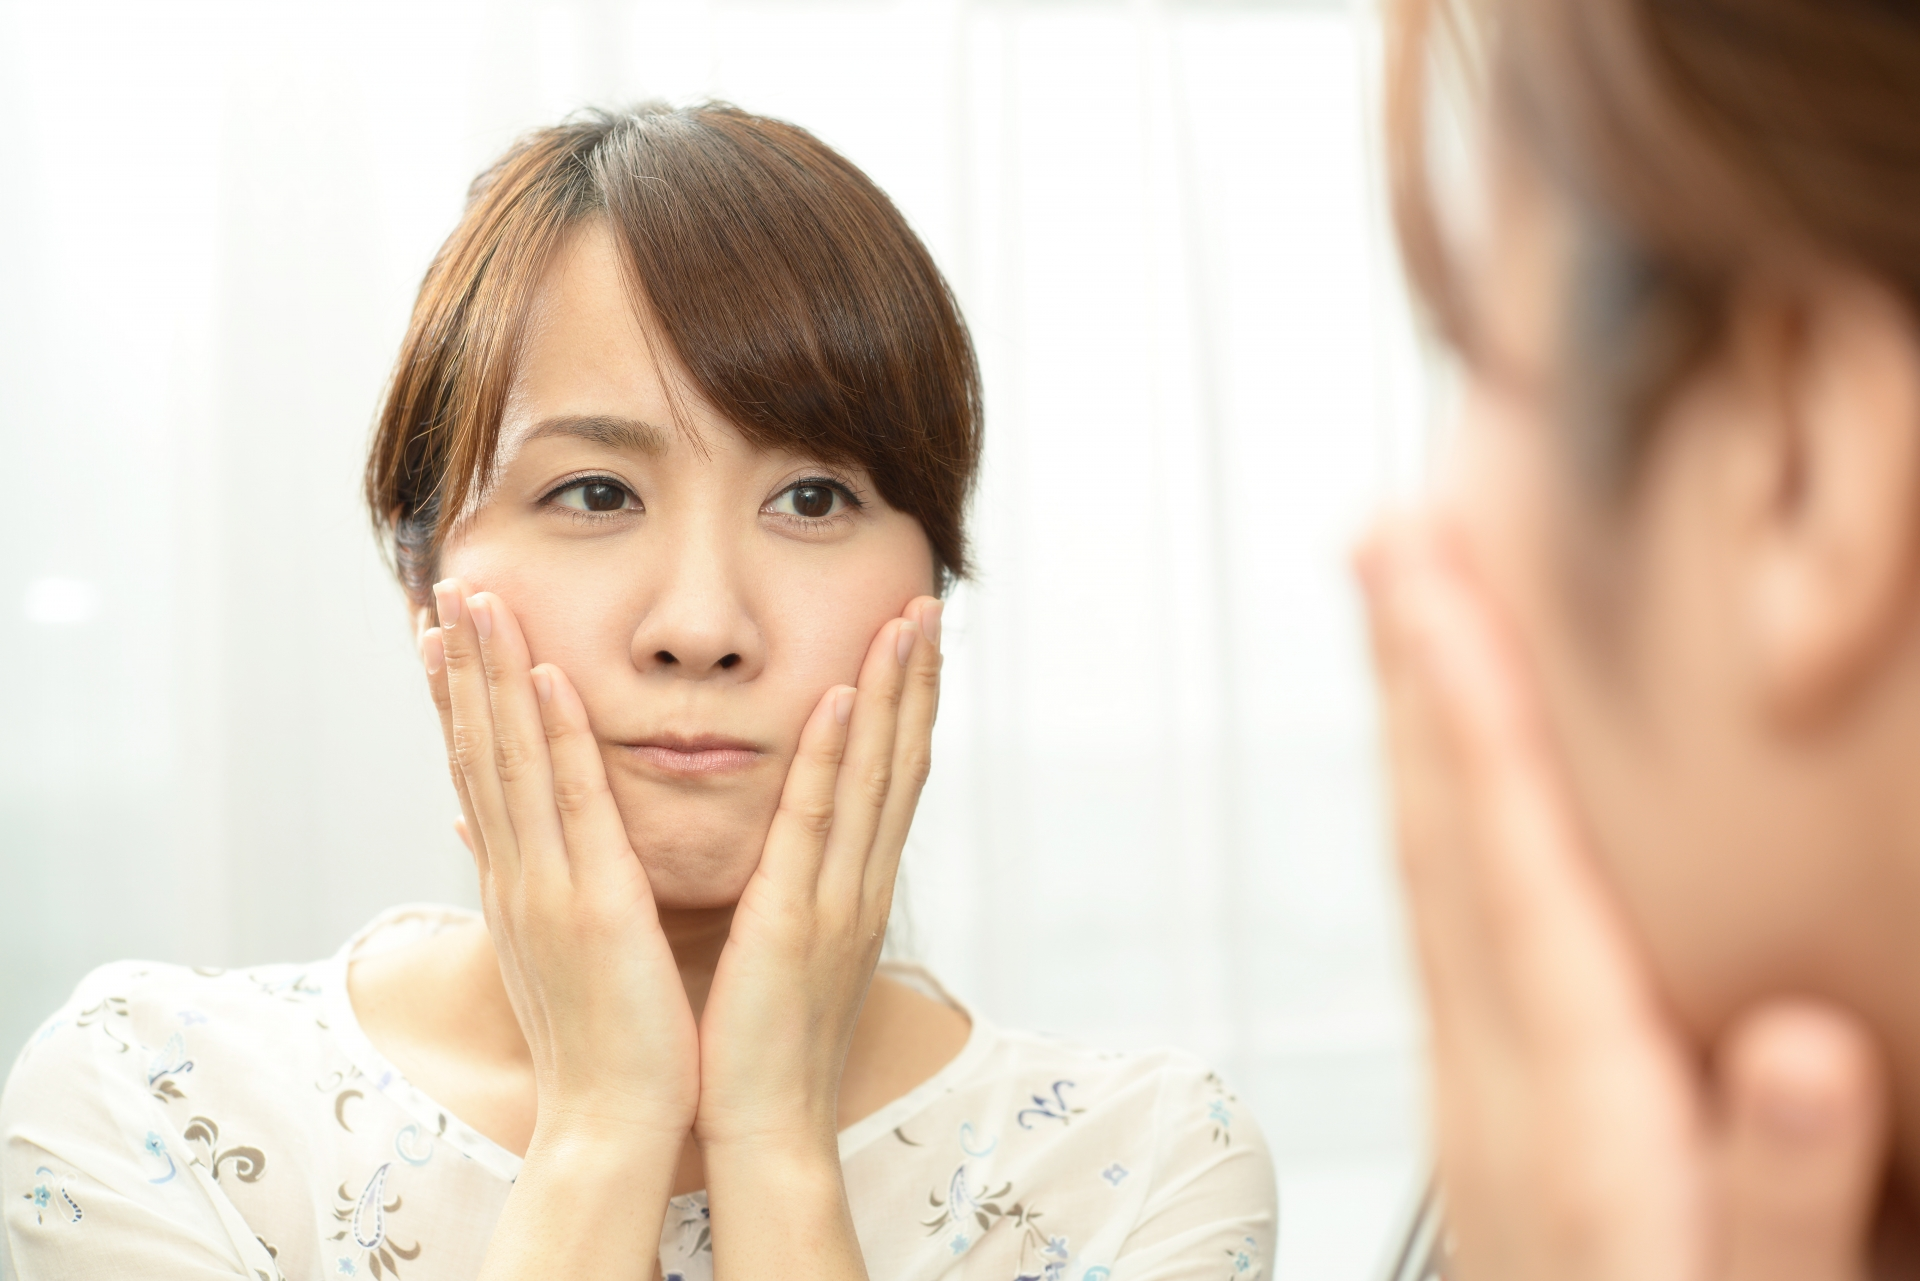 顔のテカリを気にするインナードライ肌の女性